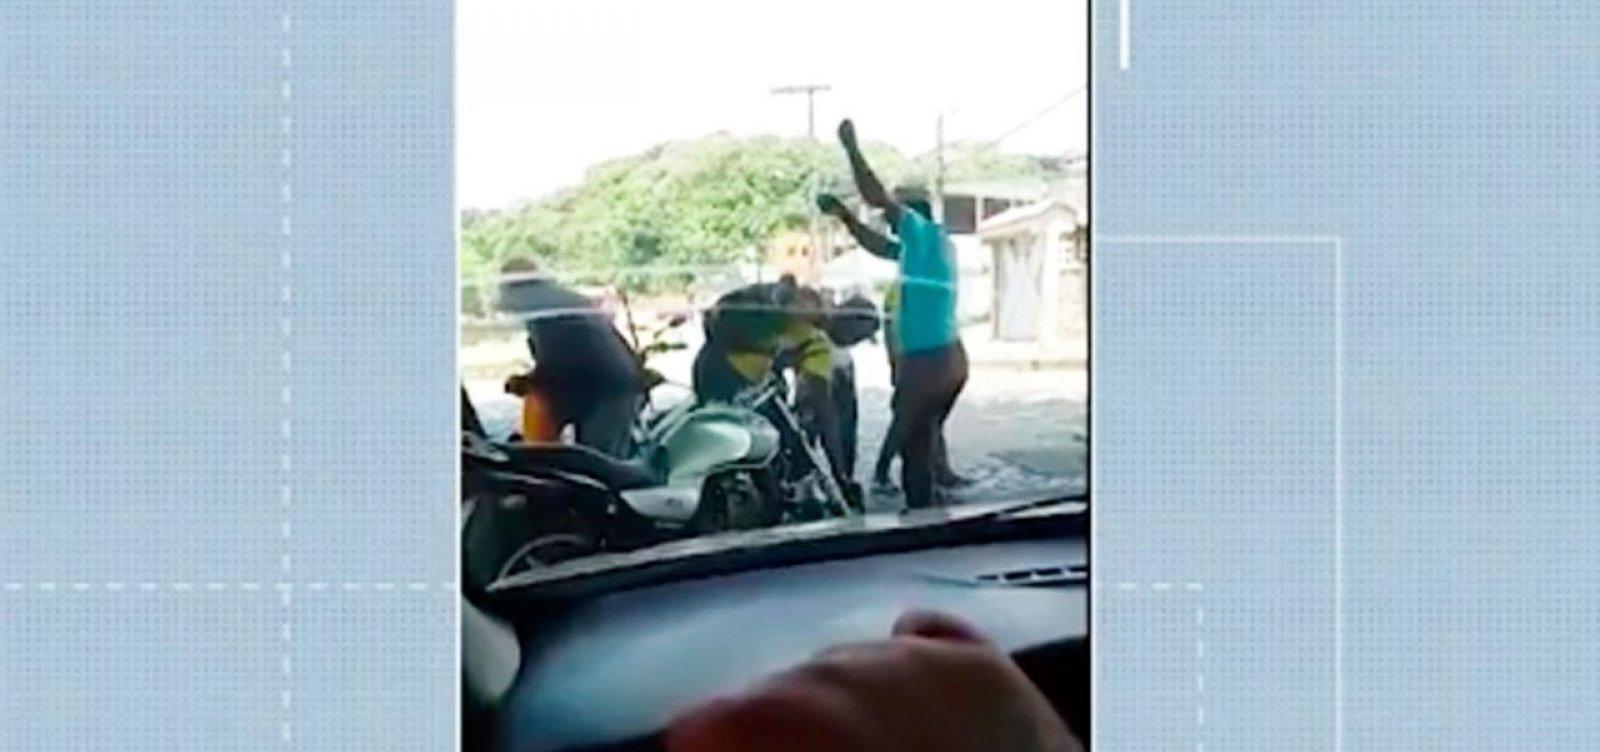 Servidores da prefeitura de Ilhéus são afastados por desvio de gasolina para moto particular